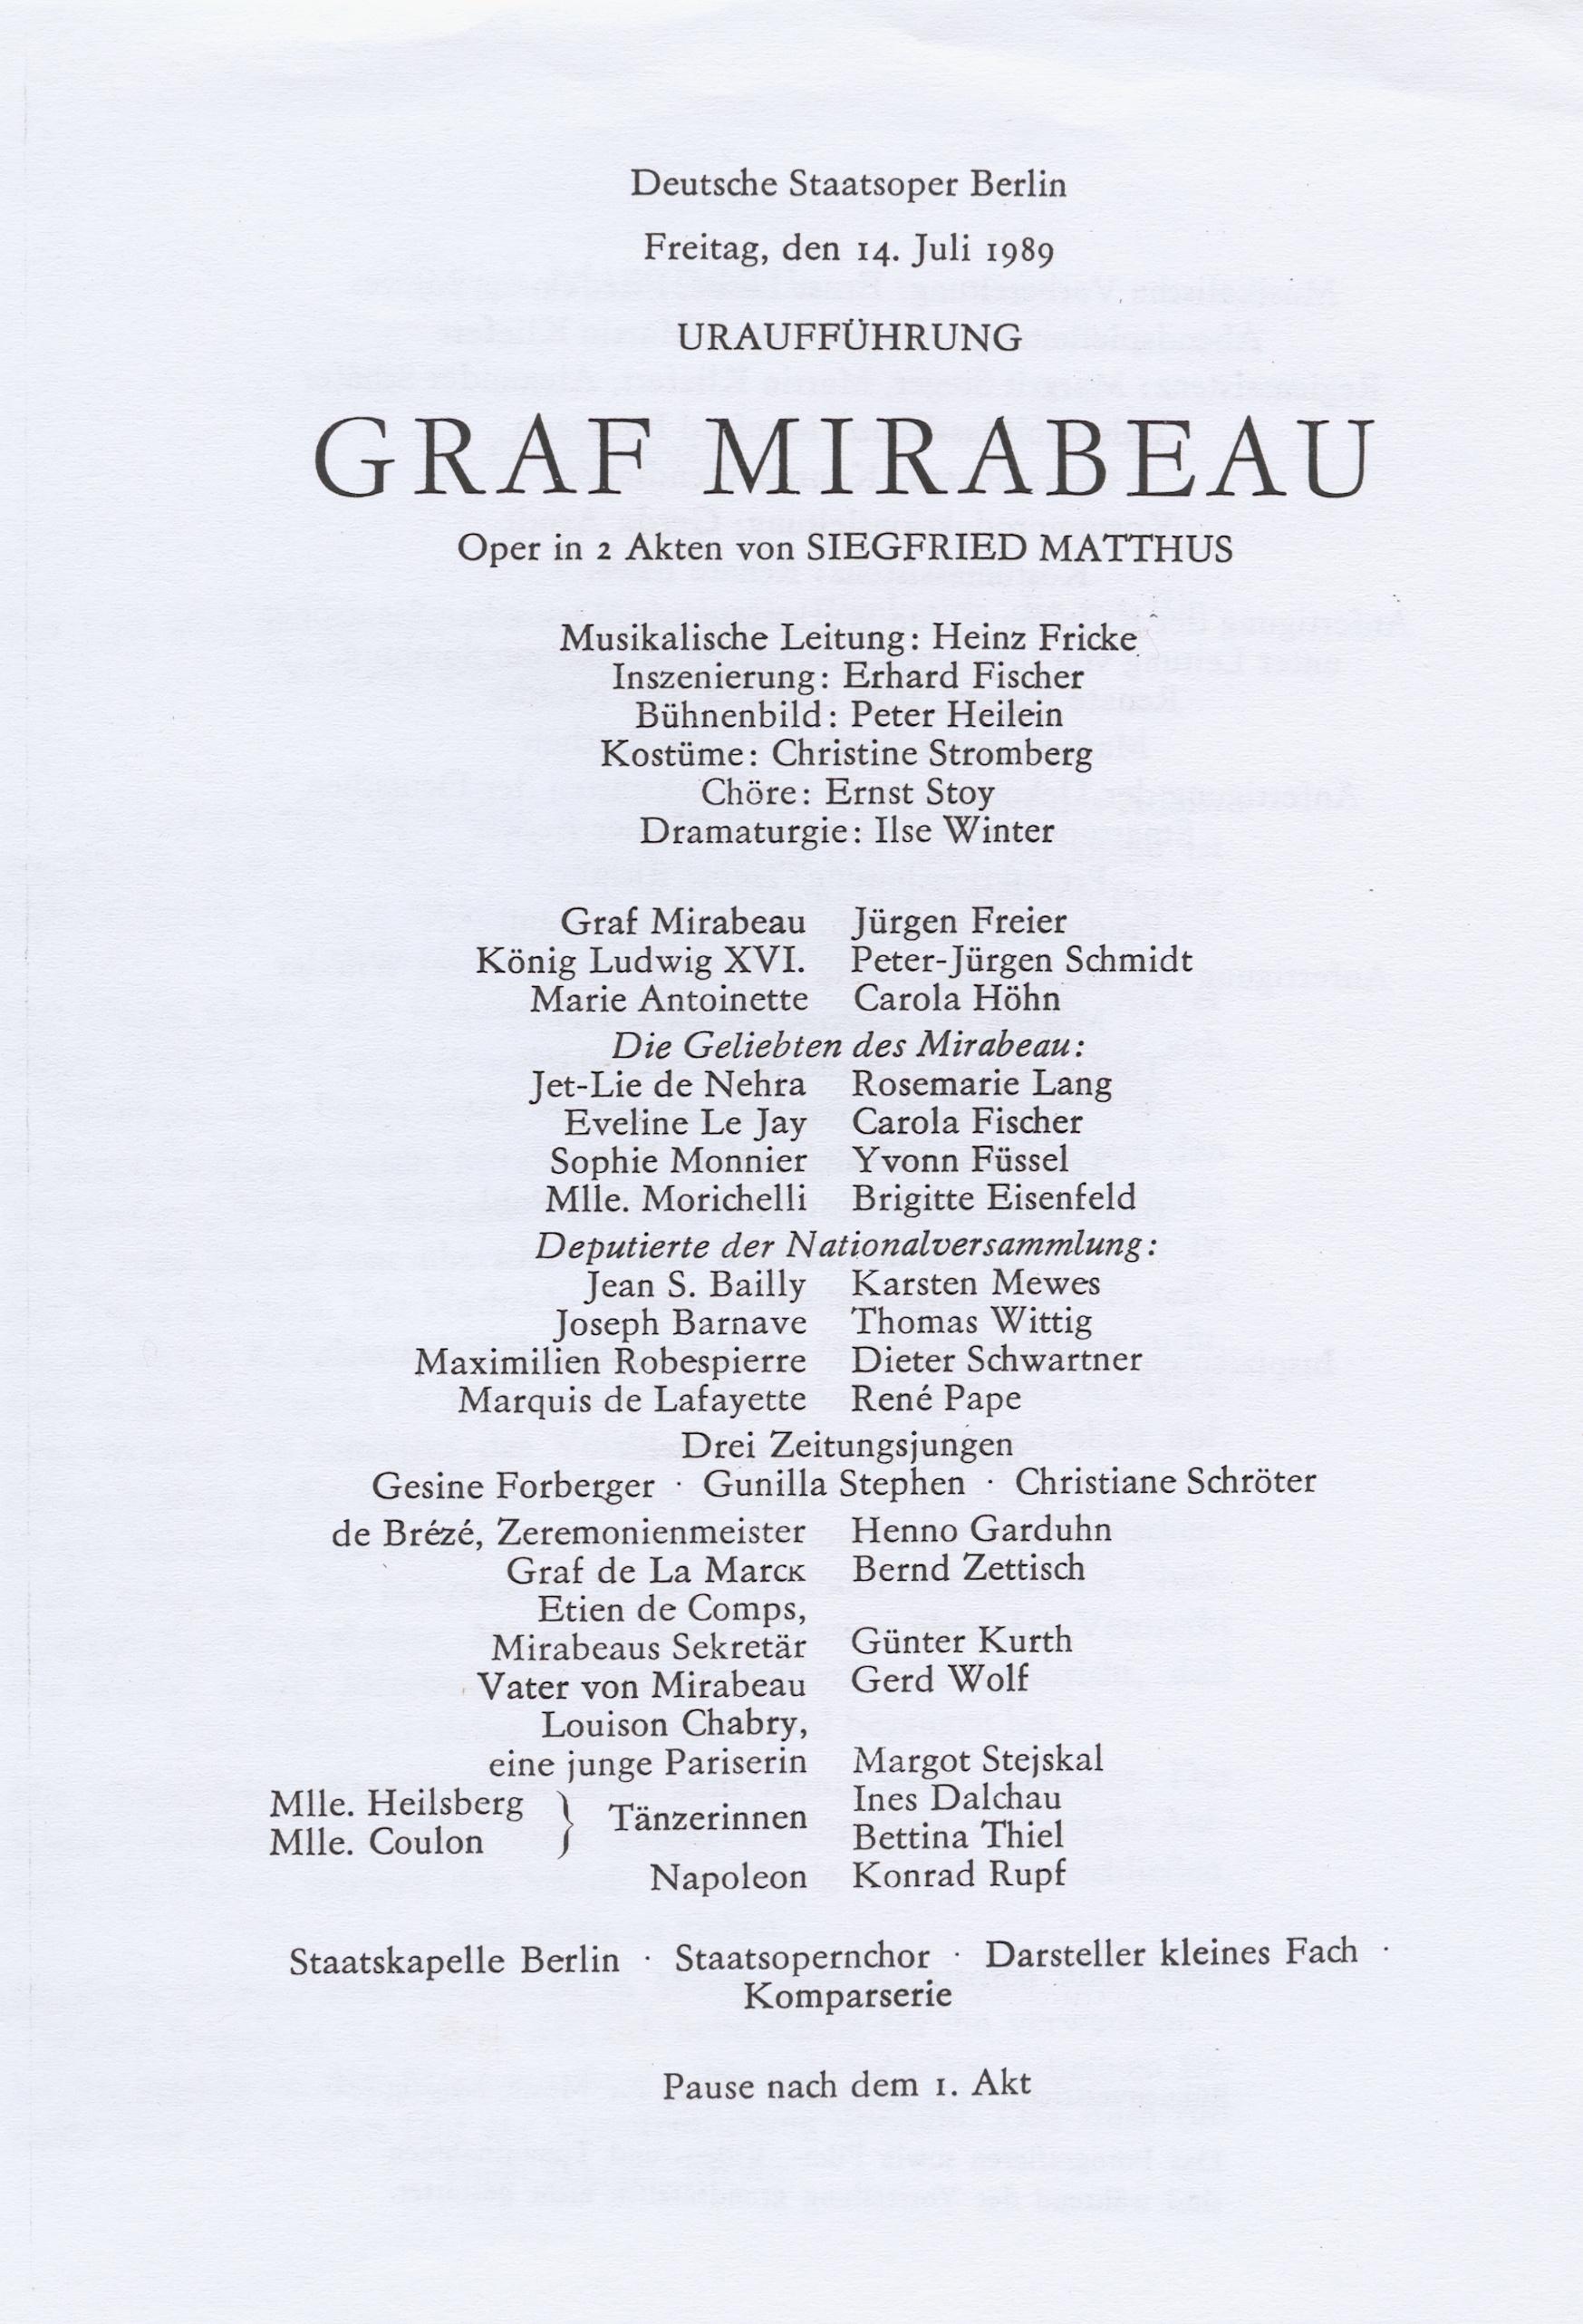 Die Mitwirkenden bei der Uraufführung der Oper Graf Mirabeau am 14. Juli 1989 in der Deutschen Staatsoper Berlin